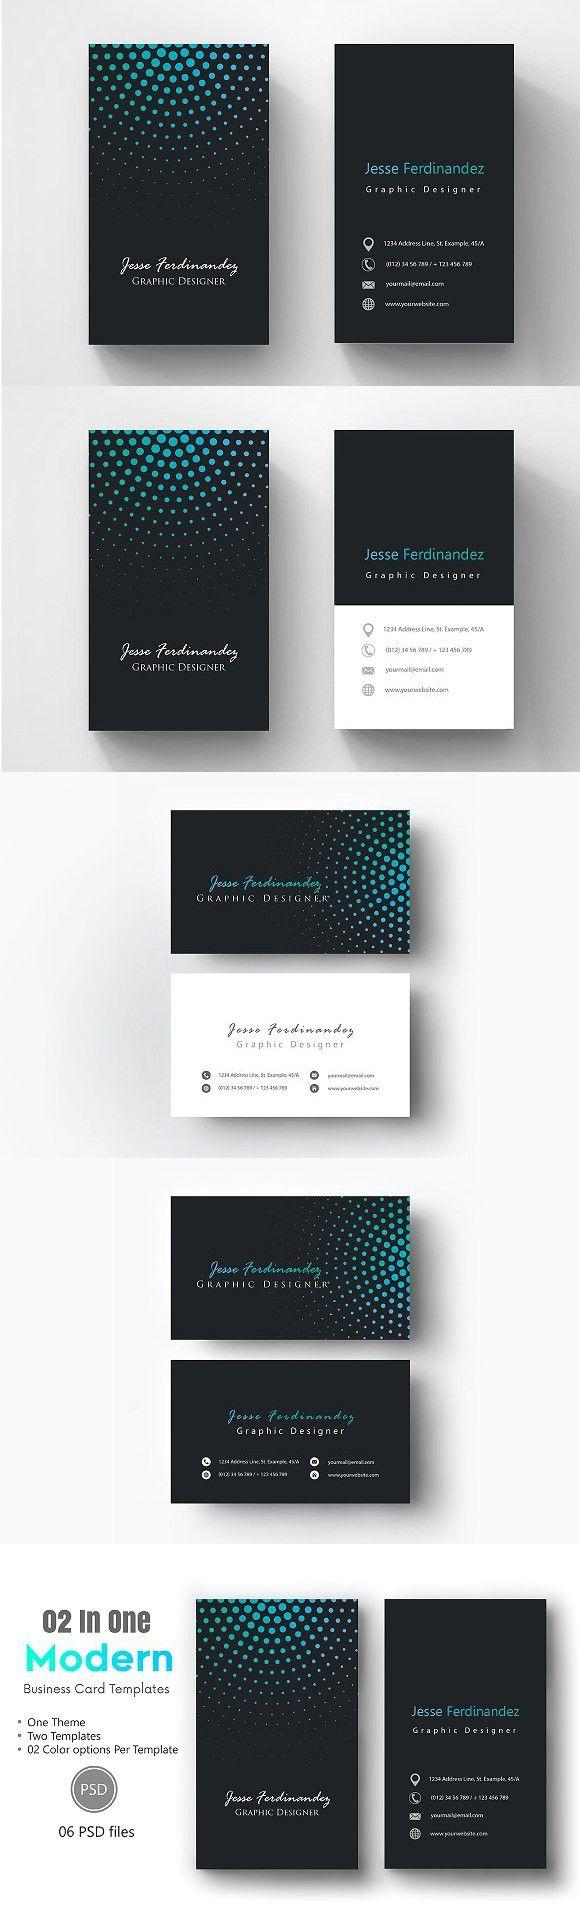 Modern Business Card Template-012